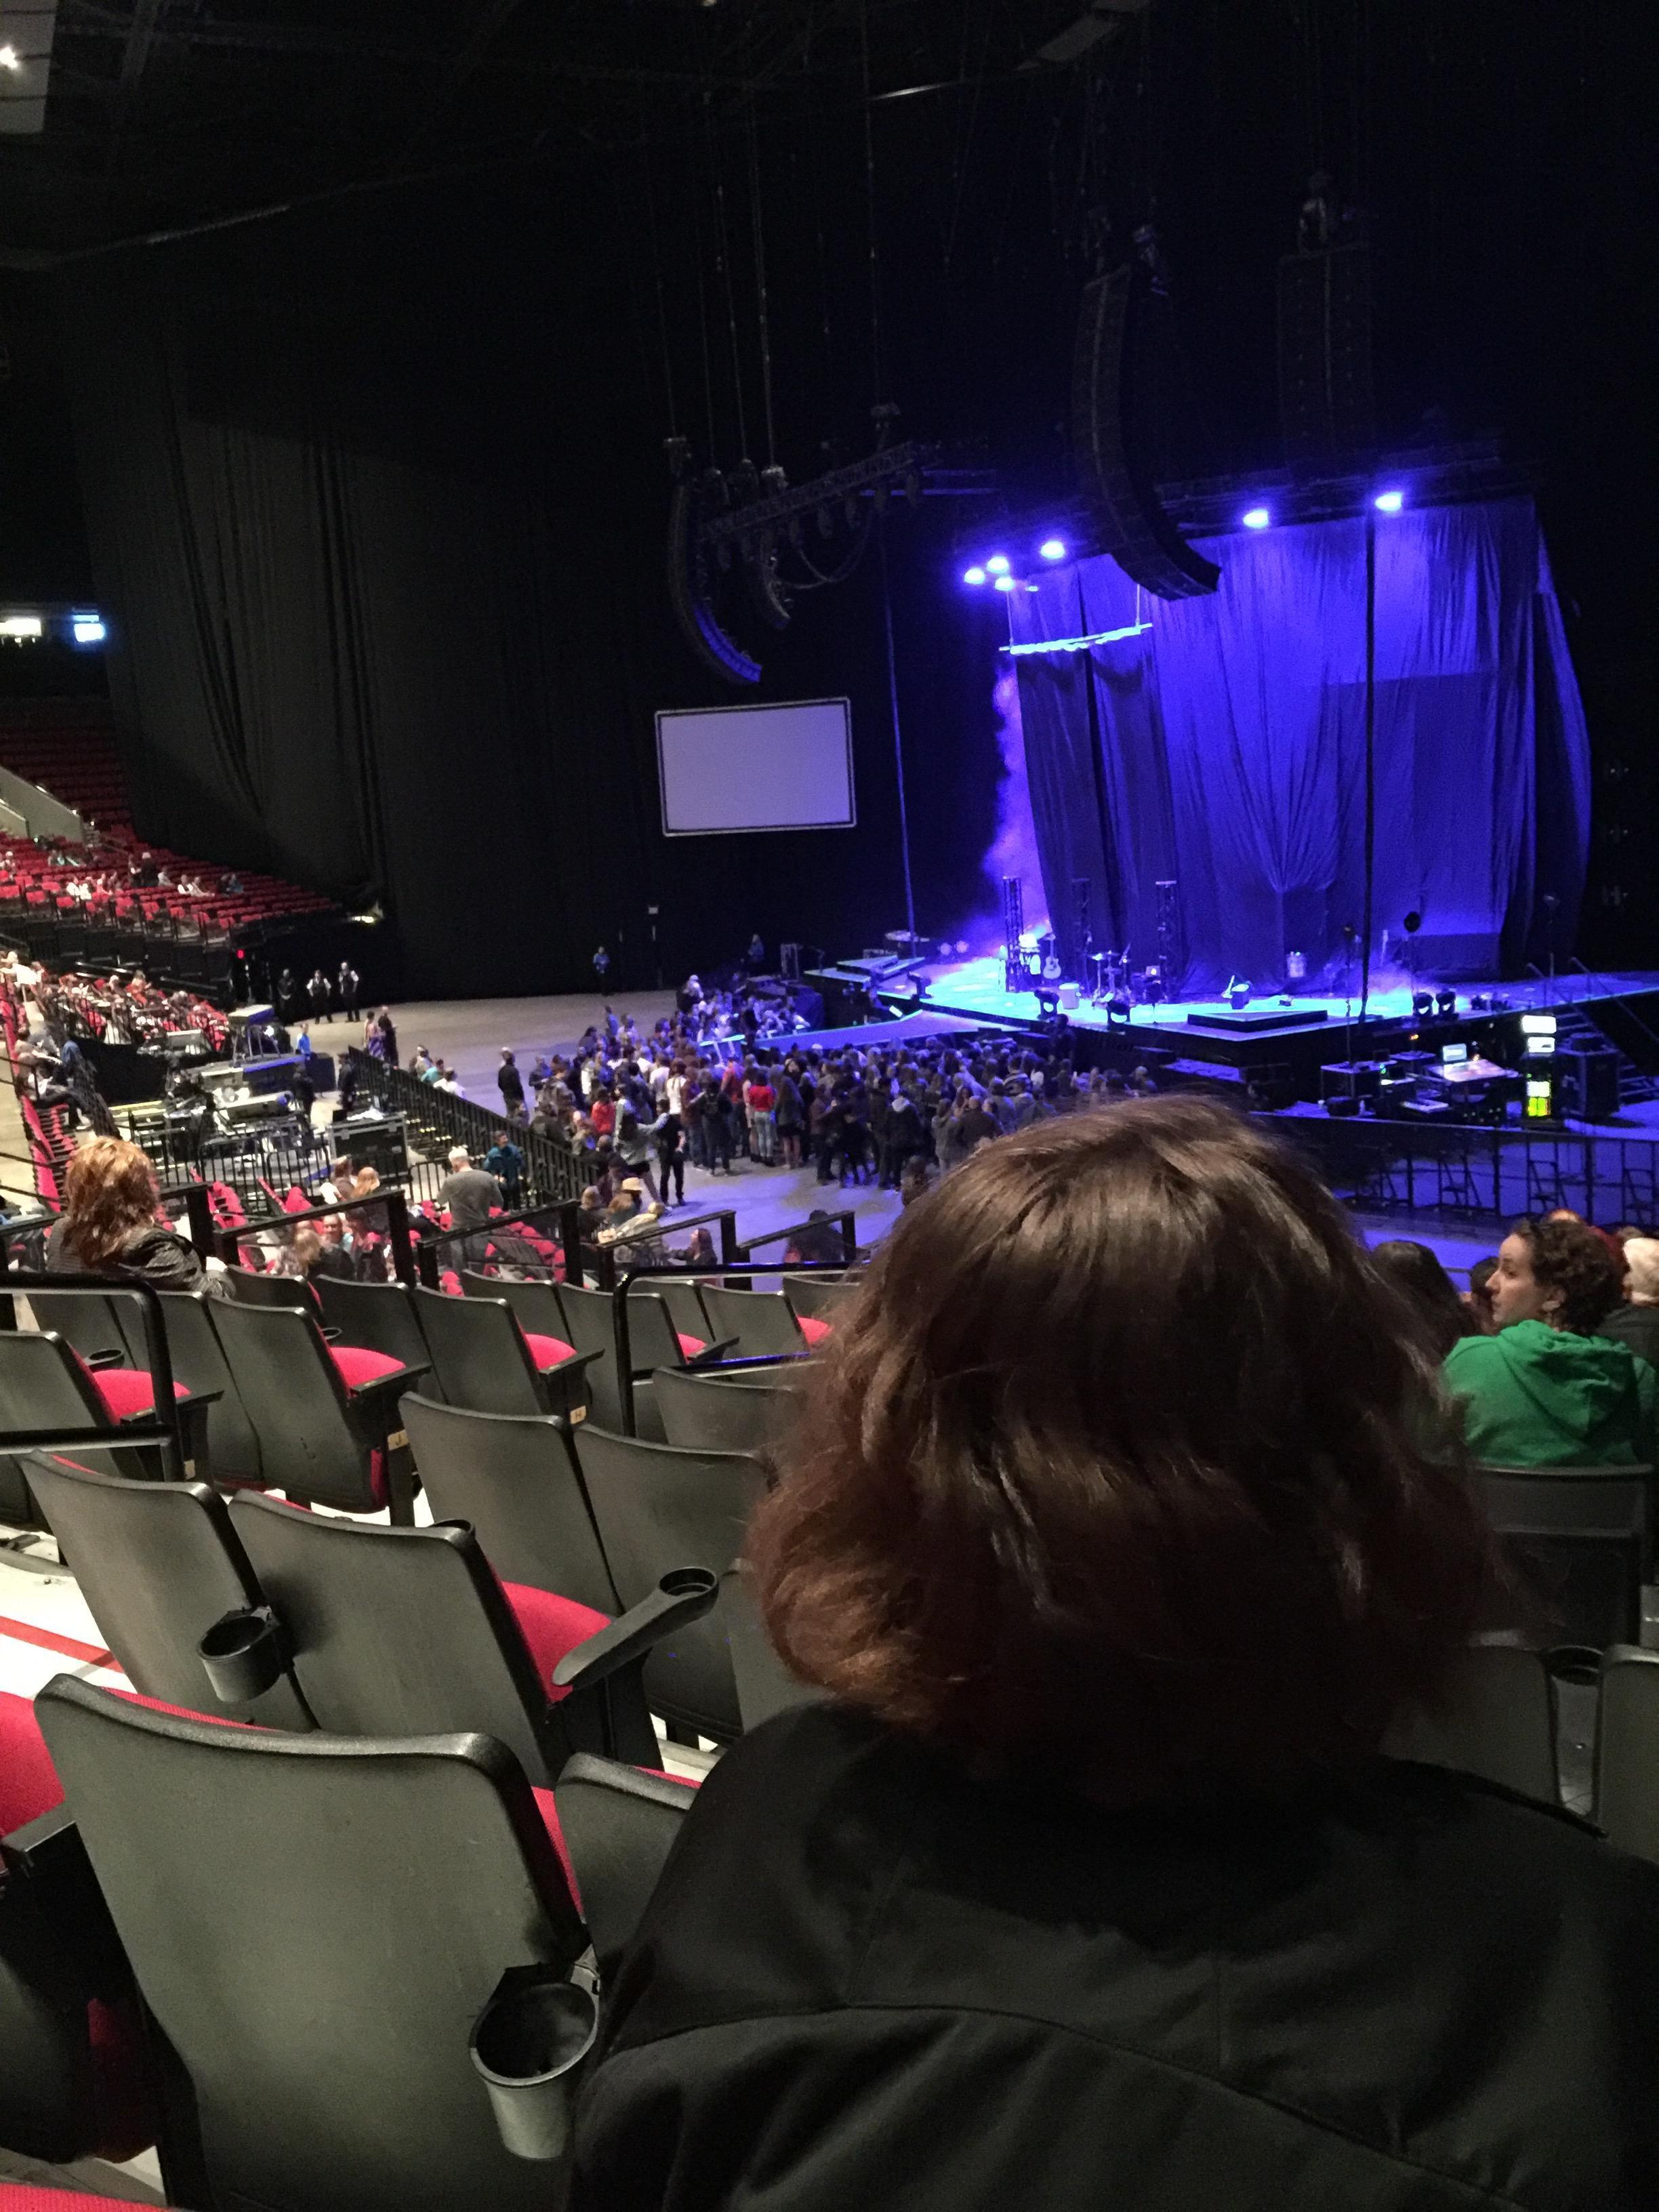 Moda Center Section 119 Row O Seat 22